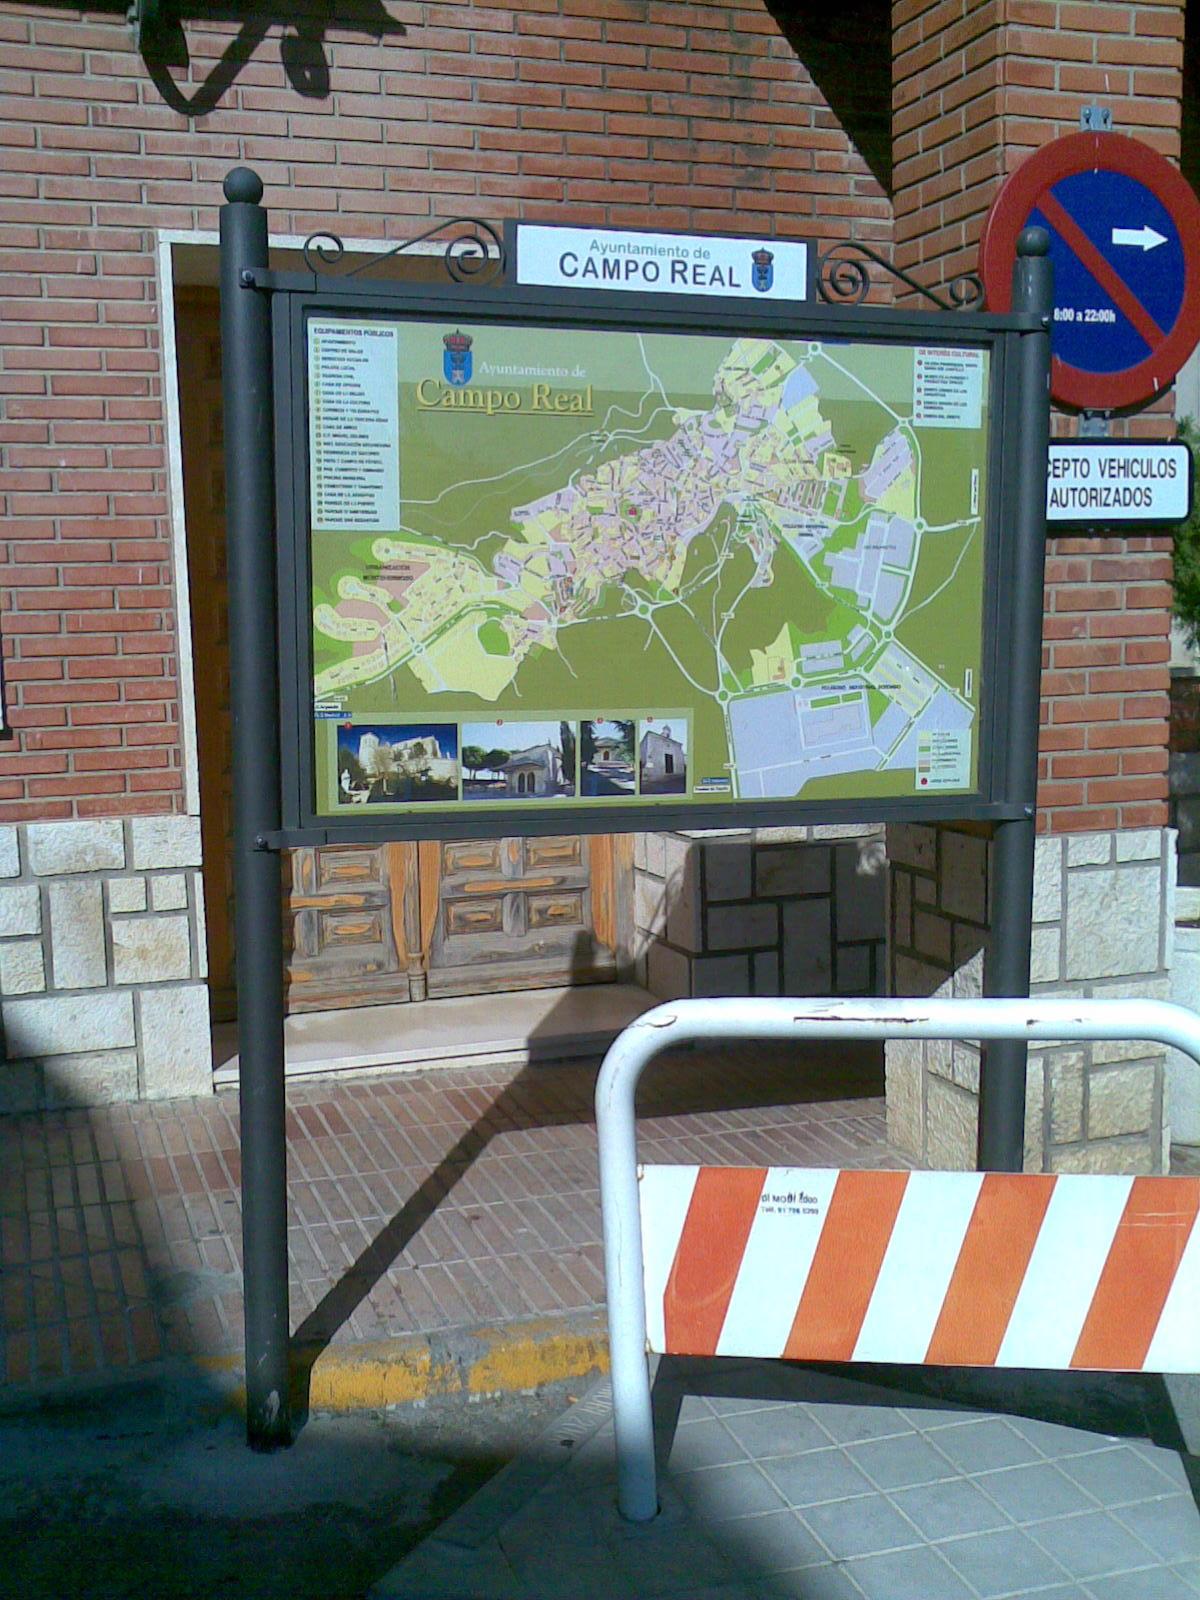 Cartel informativo de Campo Real (Madrid)